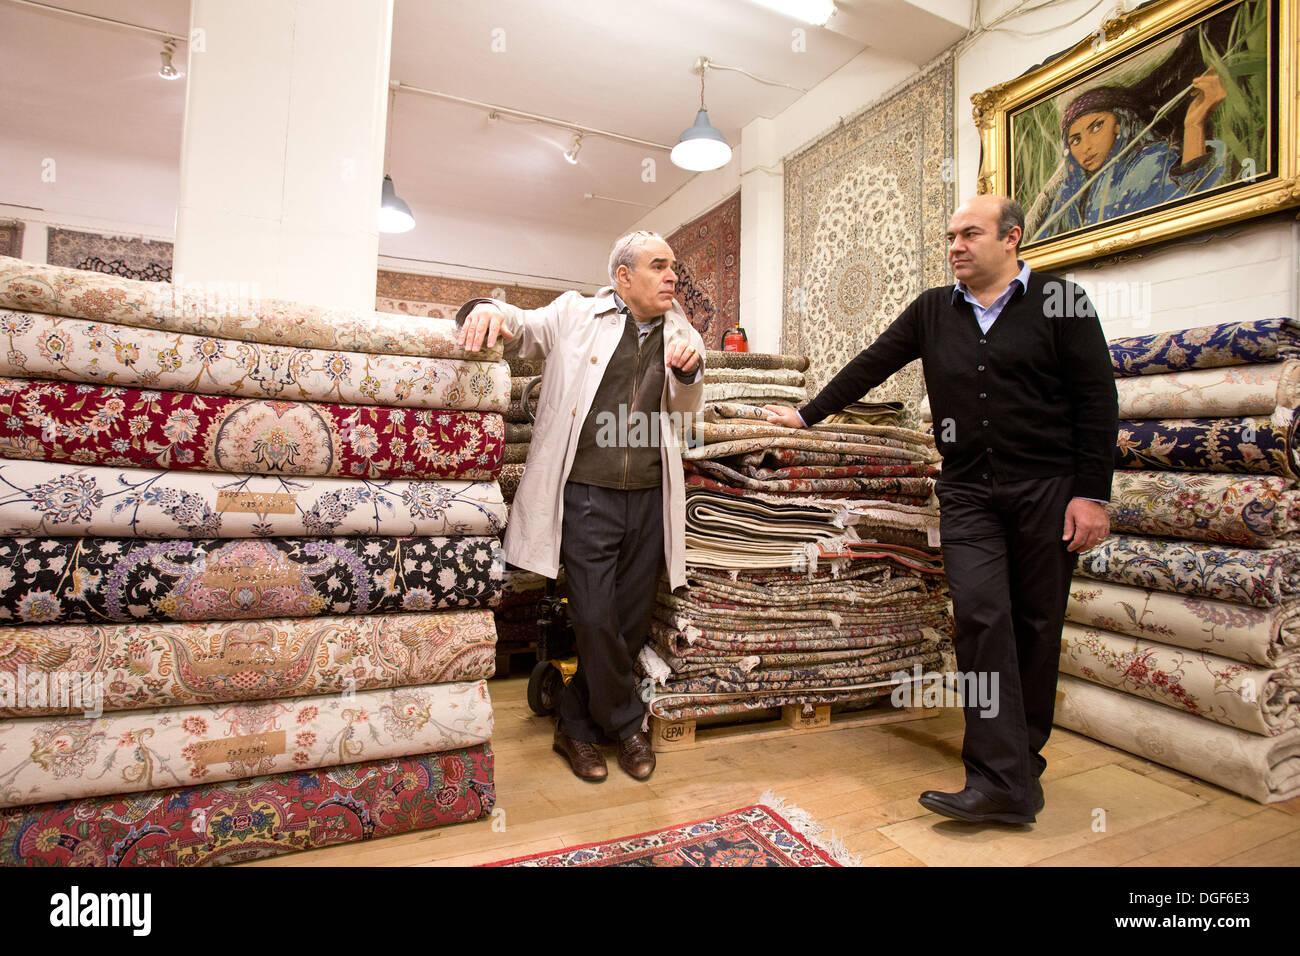 Teppichhändler  Hamburg, Deutschland. 27. September 2013. Die iranische Teppich ...